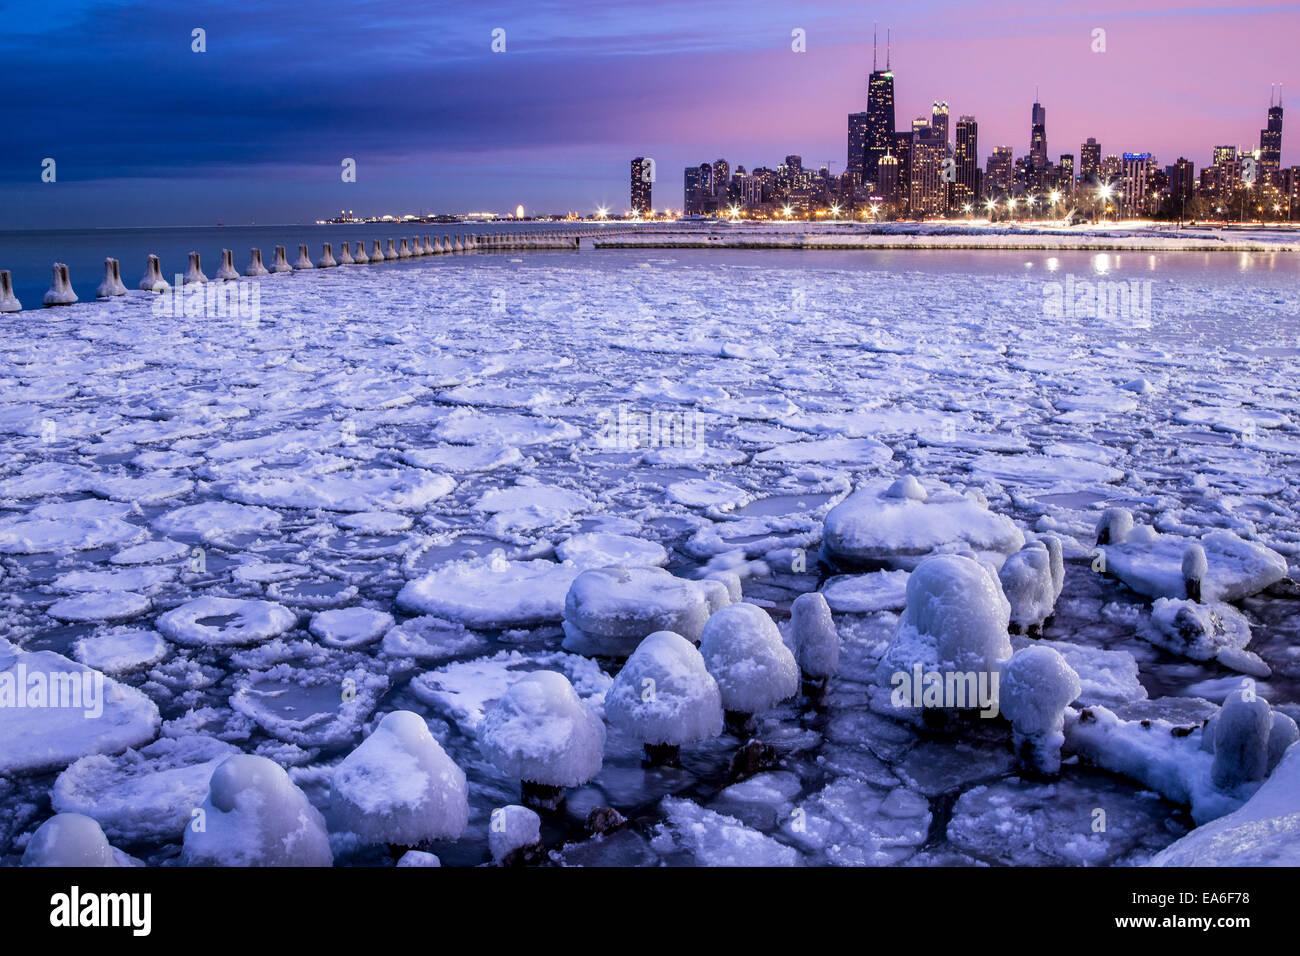 Stati Uniti d'America, Illinois, Chicago, skyline illuminato che si vede attraverso il porto ghiacciato Immagini Stock